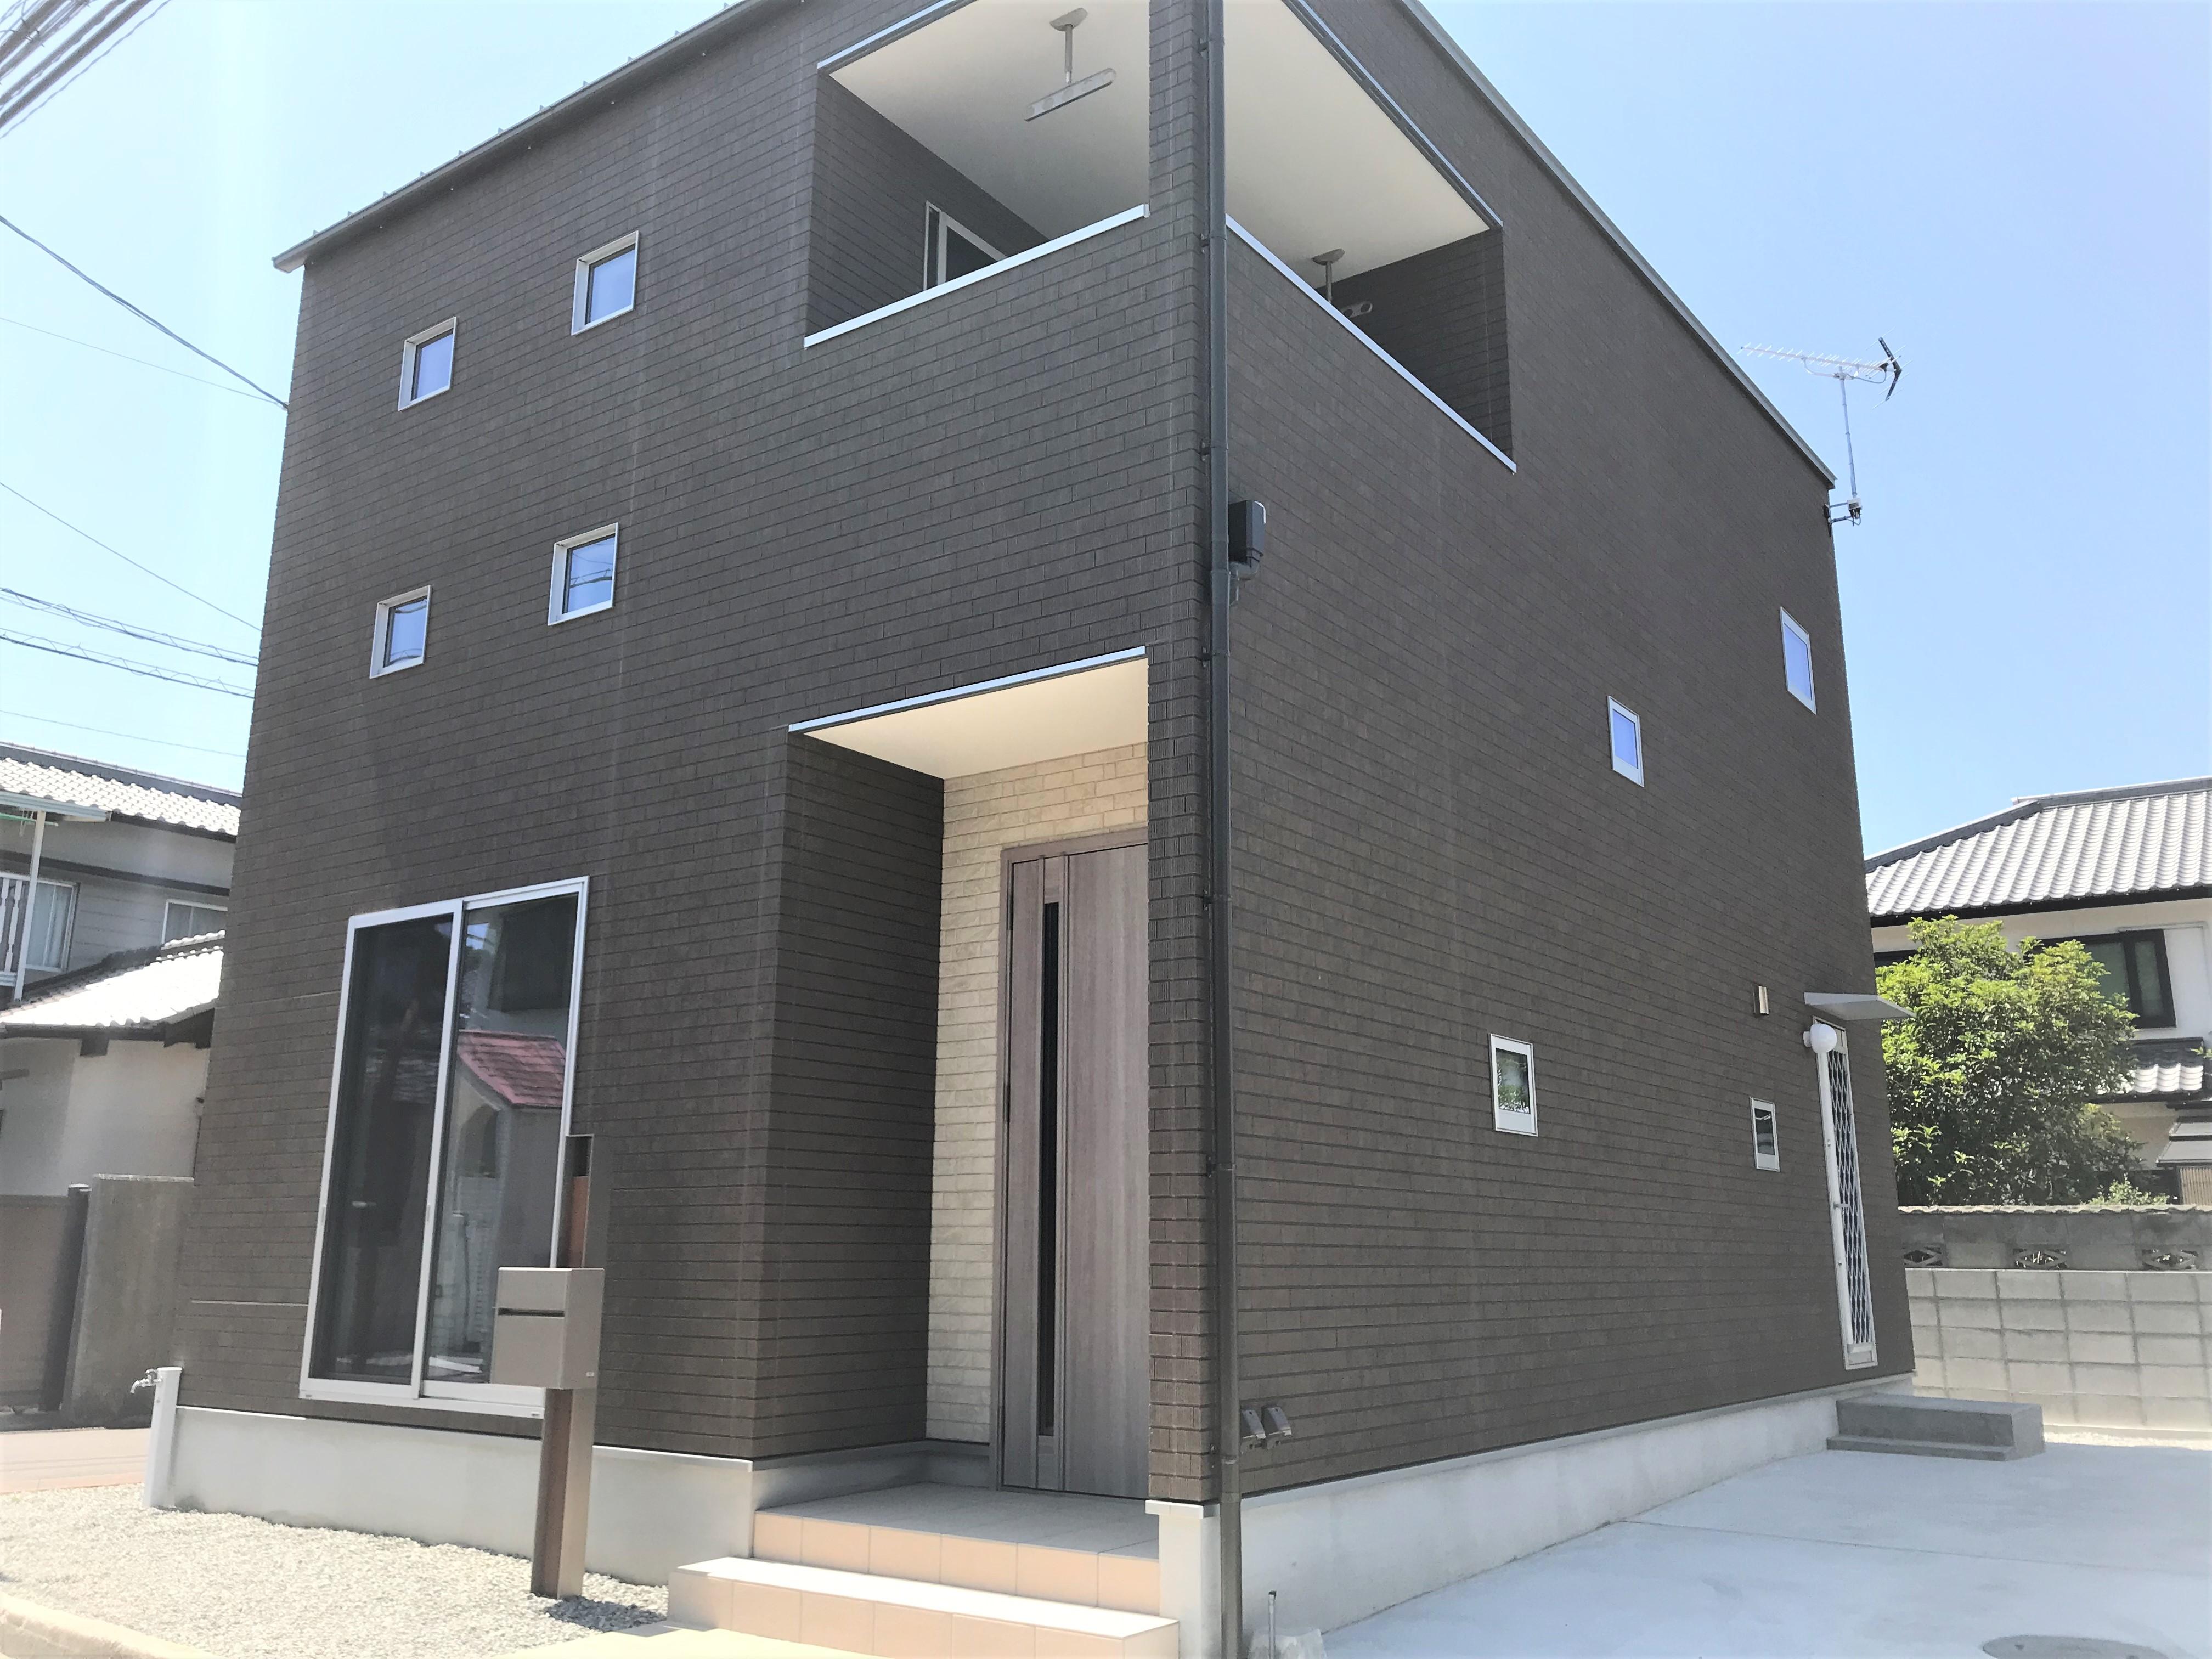 坂出市八幡町建売② 太陽光発電6.5kwサービスキャンペーン(8月末までの契約に限る)